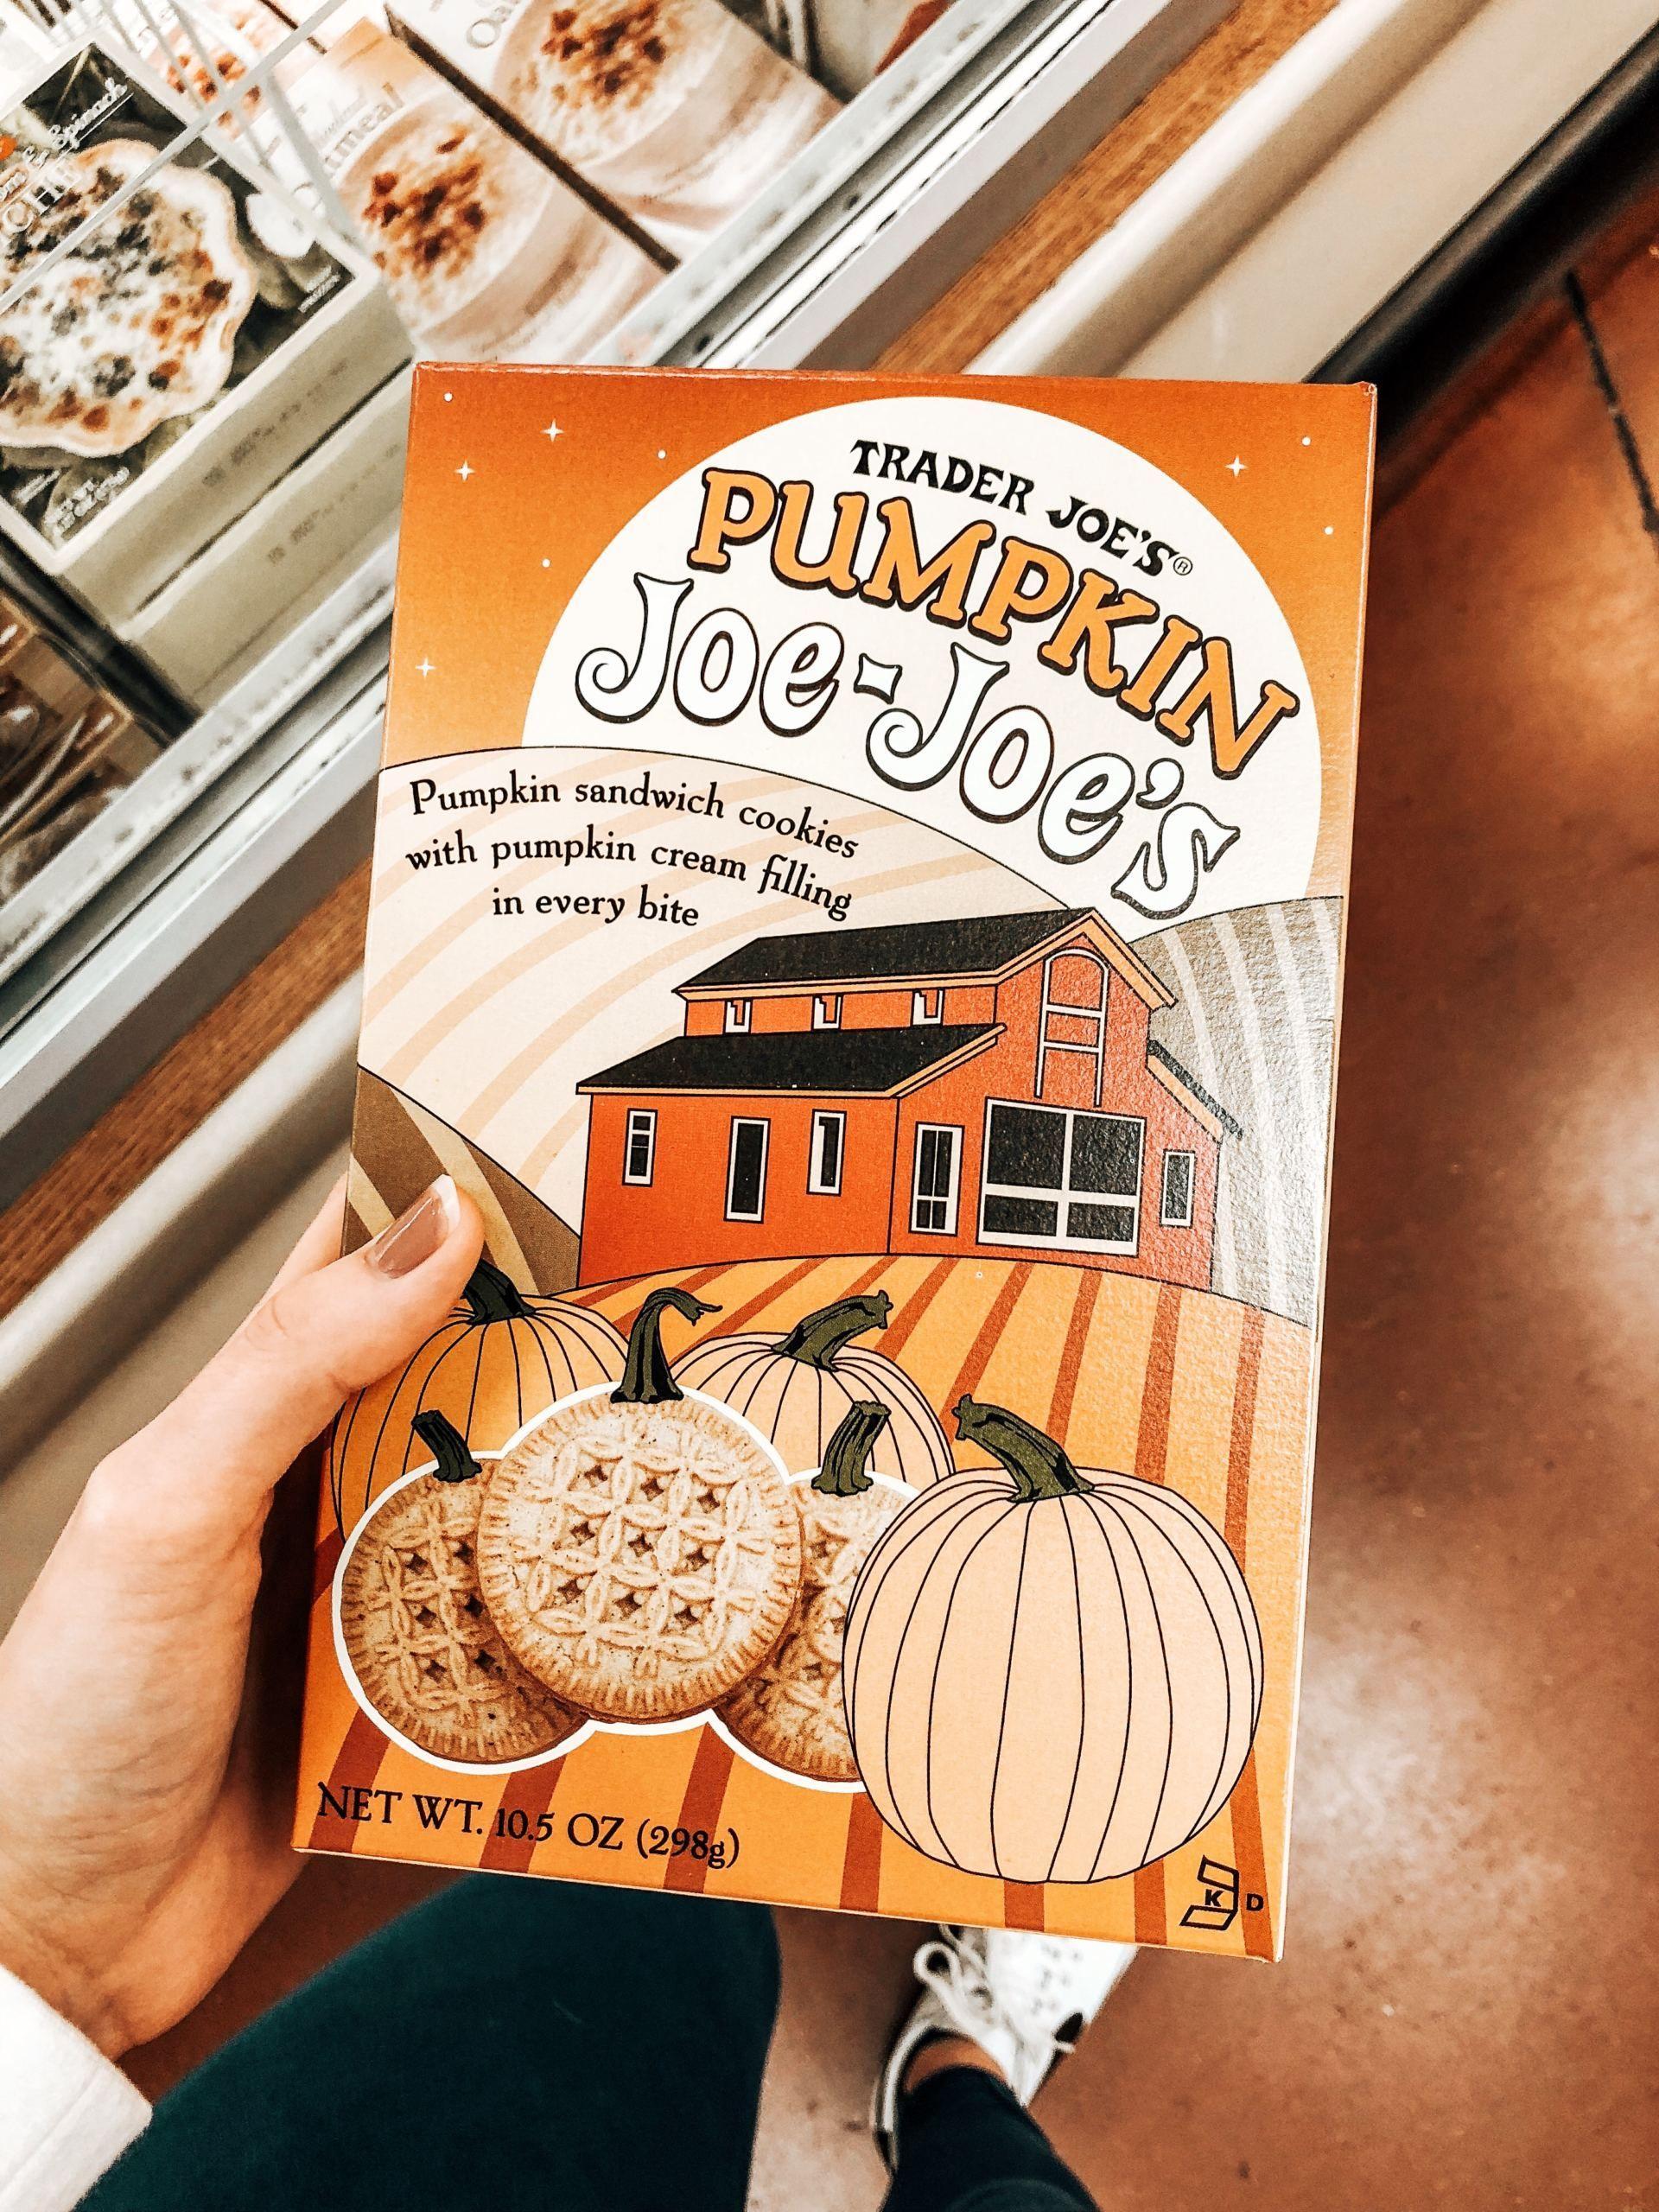 Best pumpkin food from trader joes pumpkin recipes